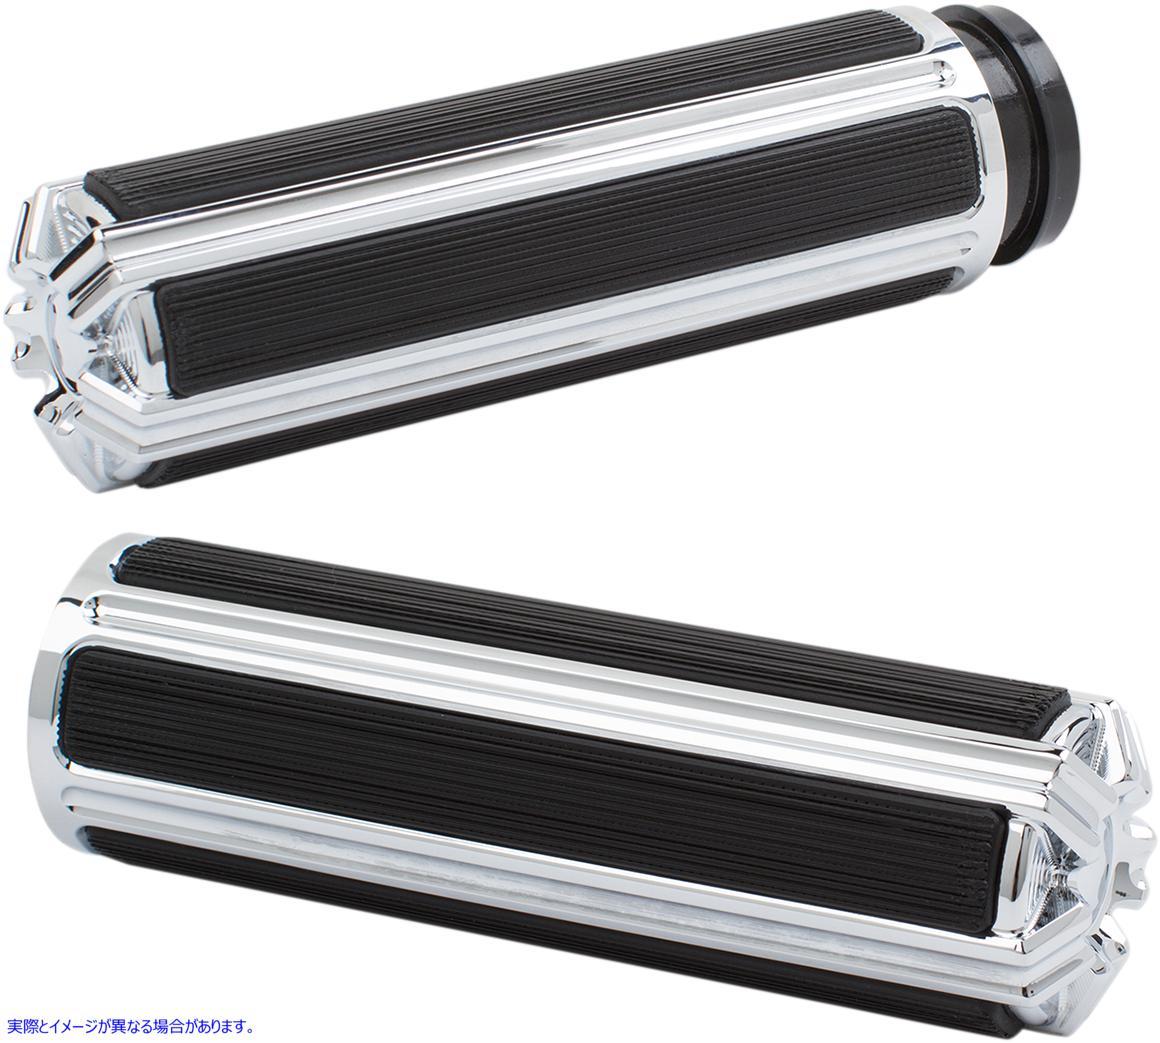 【取寄せ】 アレンネス 07-114 ARLEN NESS Chrome 10-Gauge Grips for Cable グリップ 10 GAUGE CBL CHR 06301691 ( 0630-1691 ドラッグス